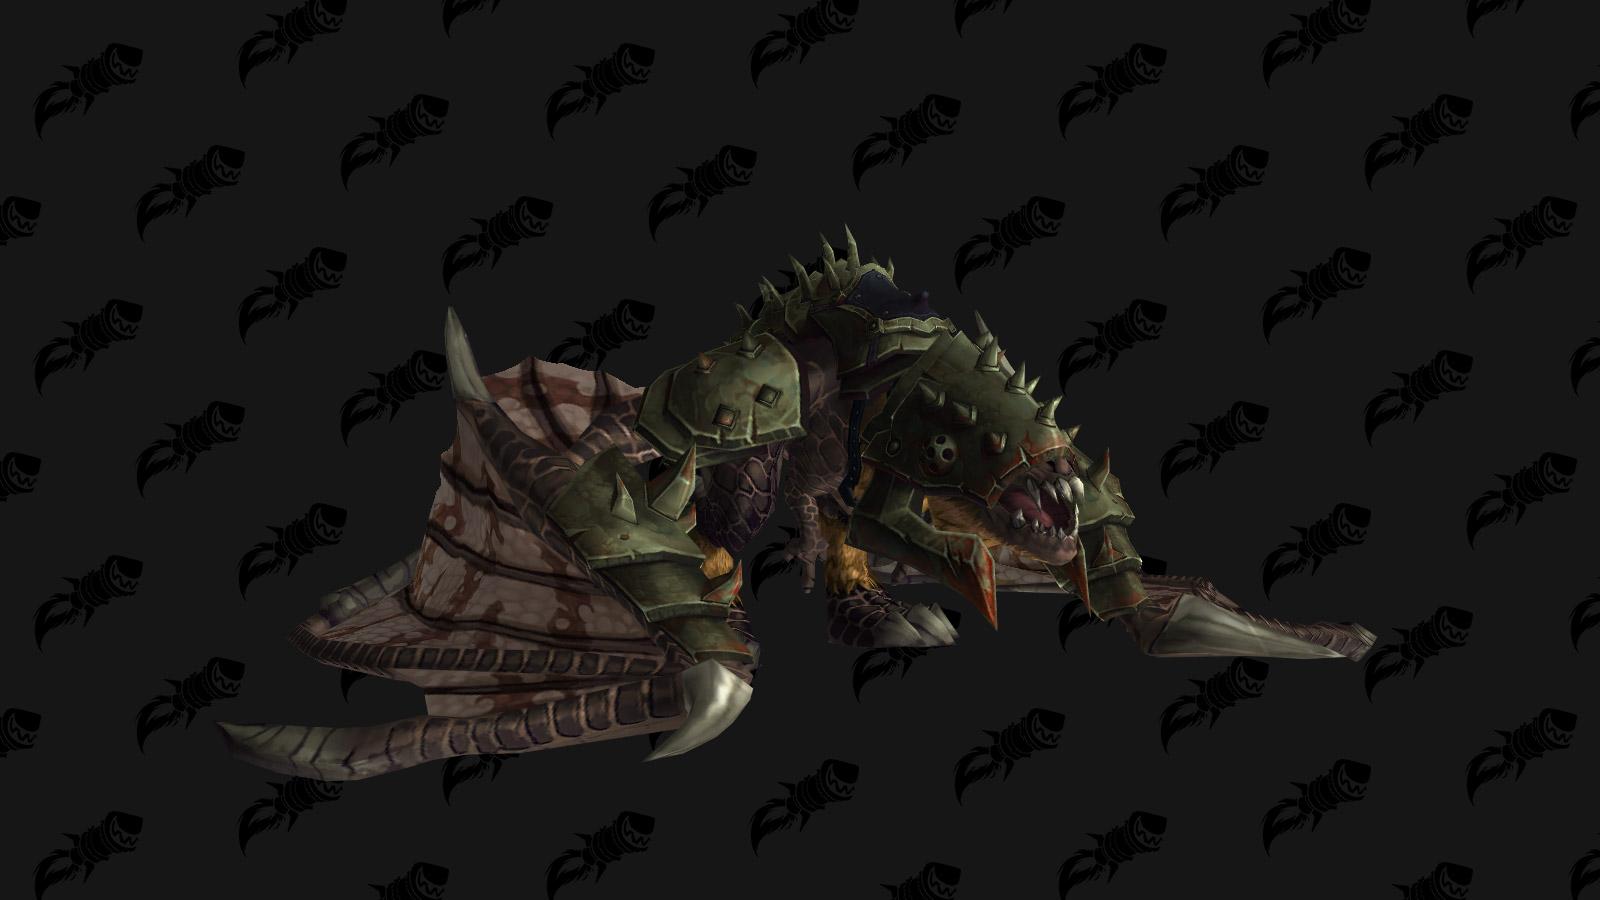 La monture Proto-drake du gladiateur pâle est une monture PVP de l'extension Battle for Azeroth